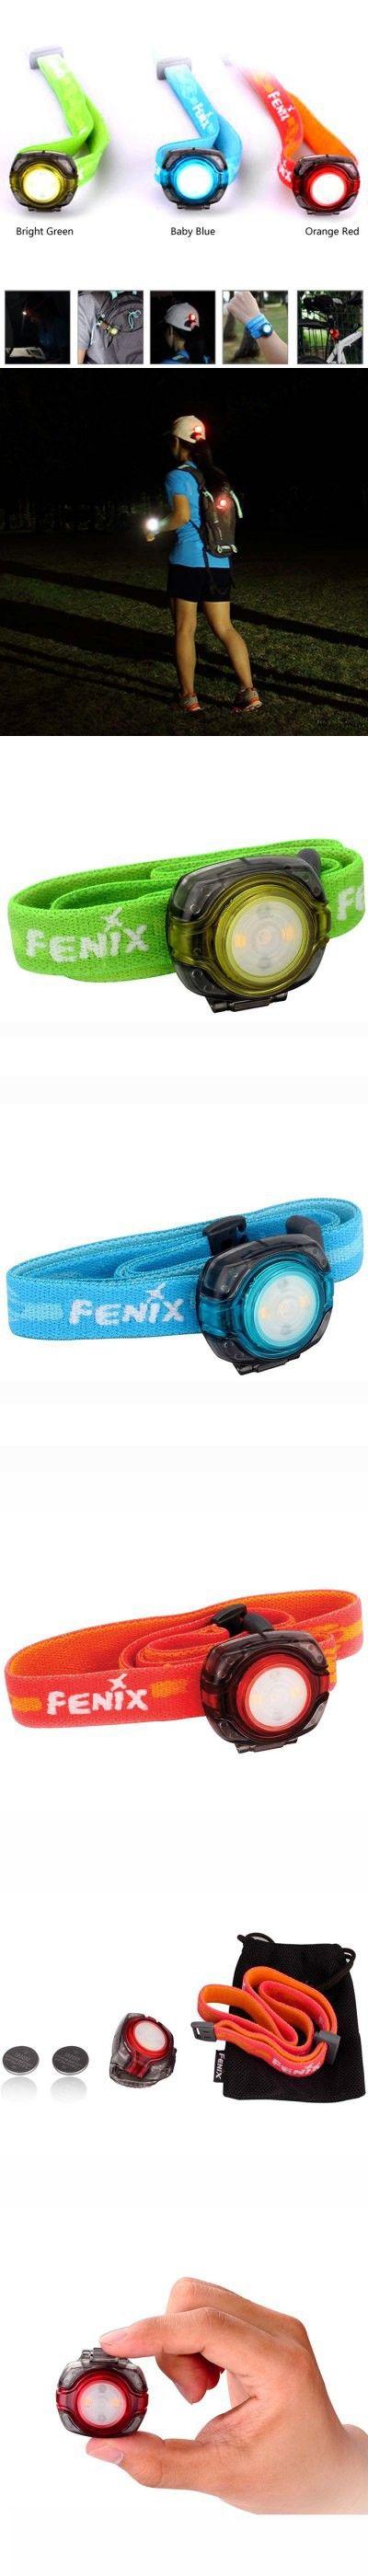 LED Flashlights   Fenix HL05 LED Headlamp